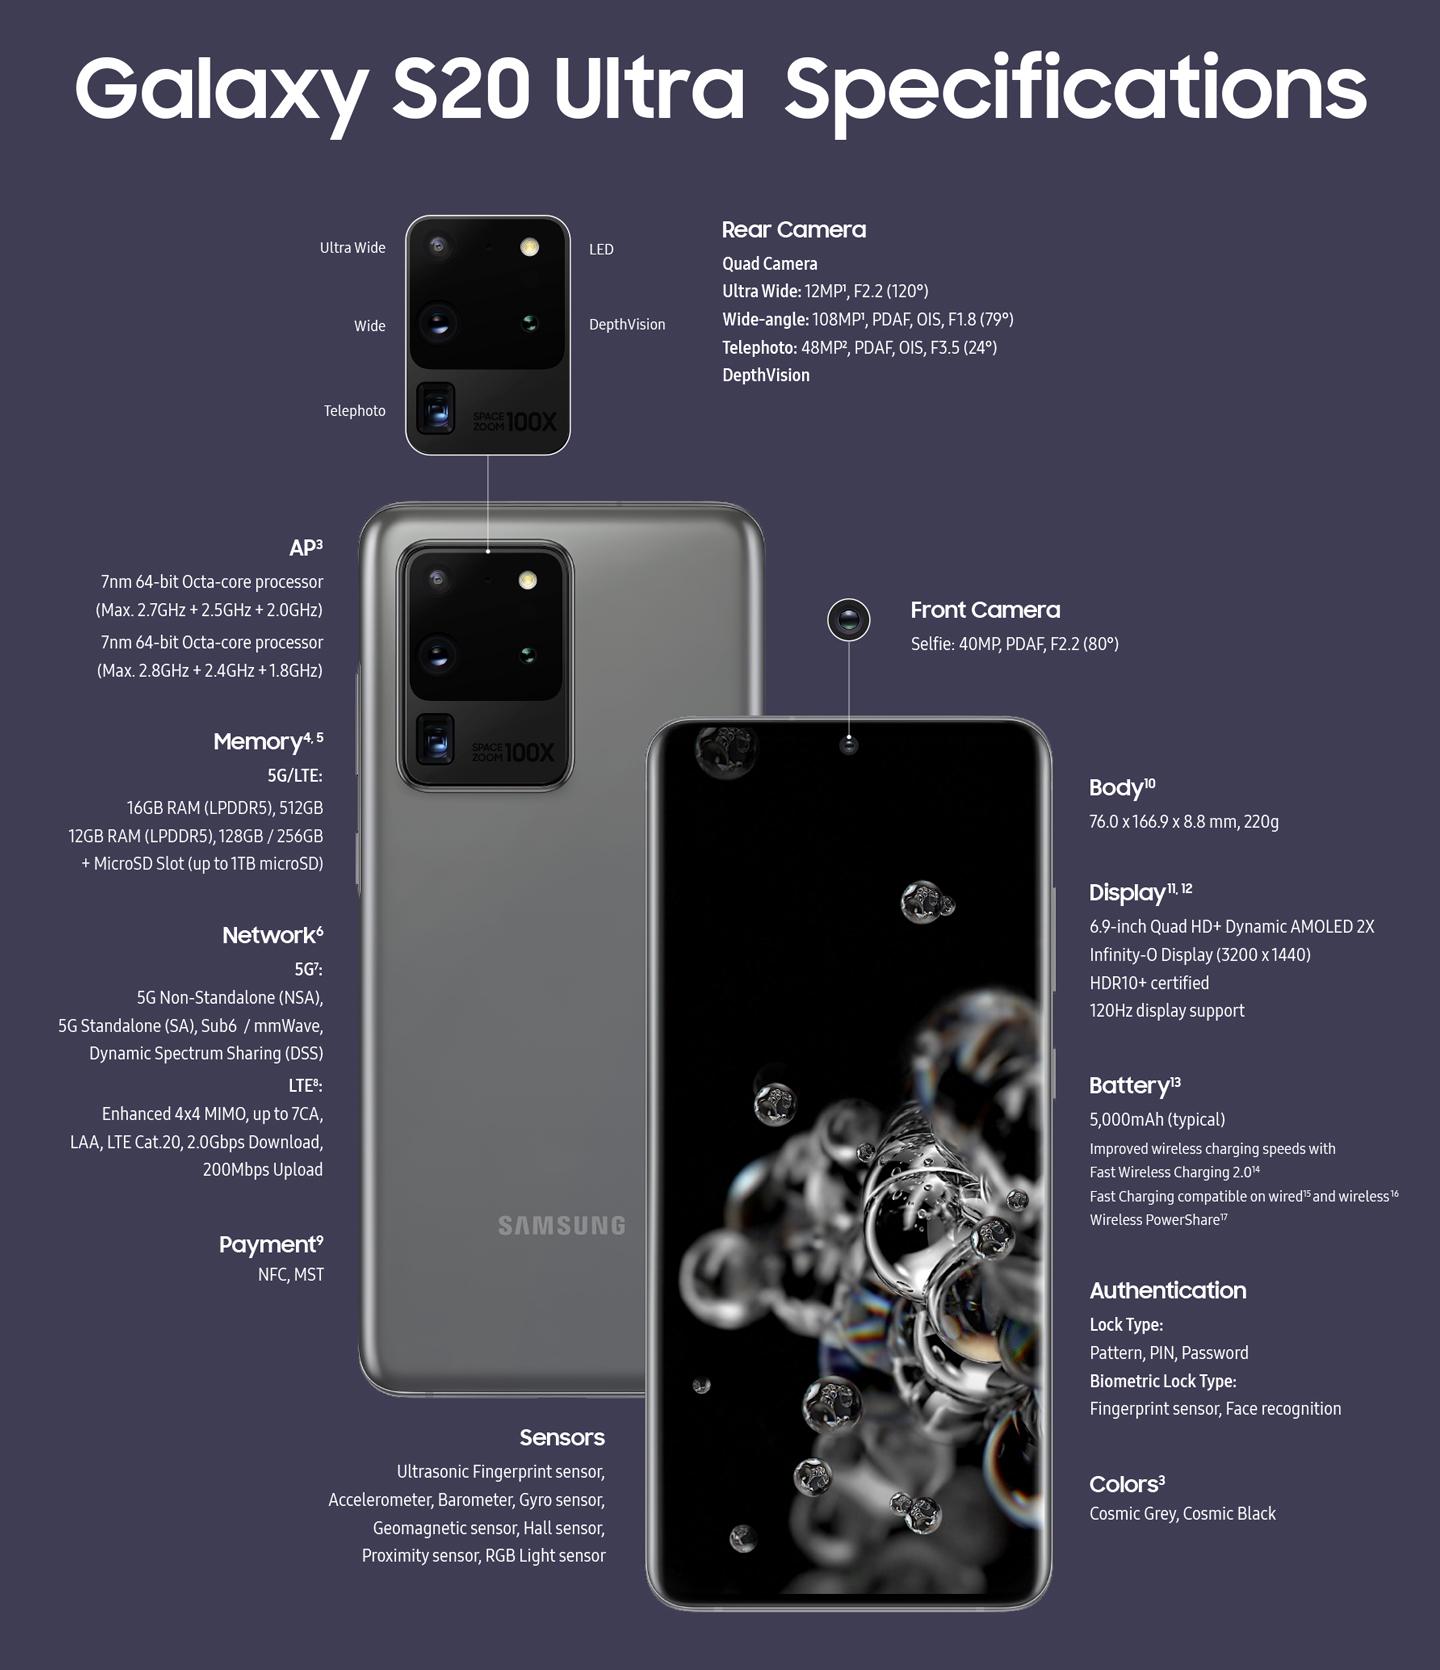 Galaxy S20 Ultra specs